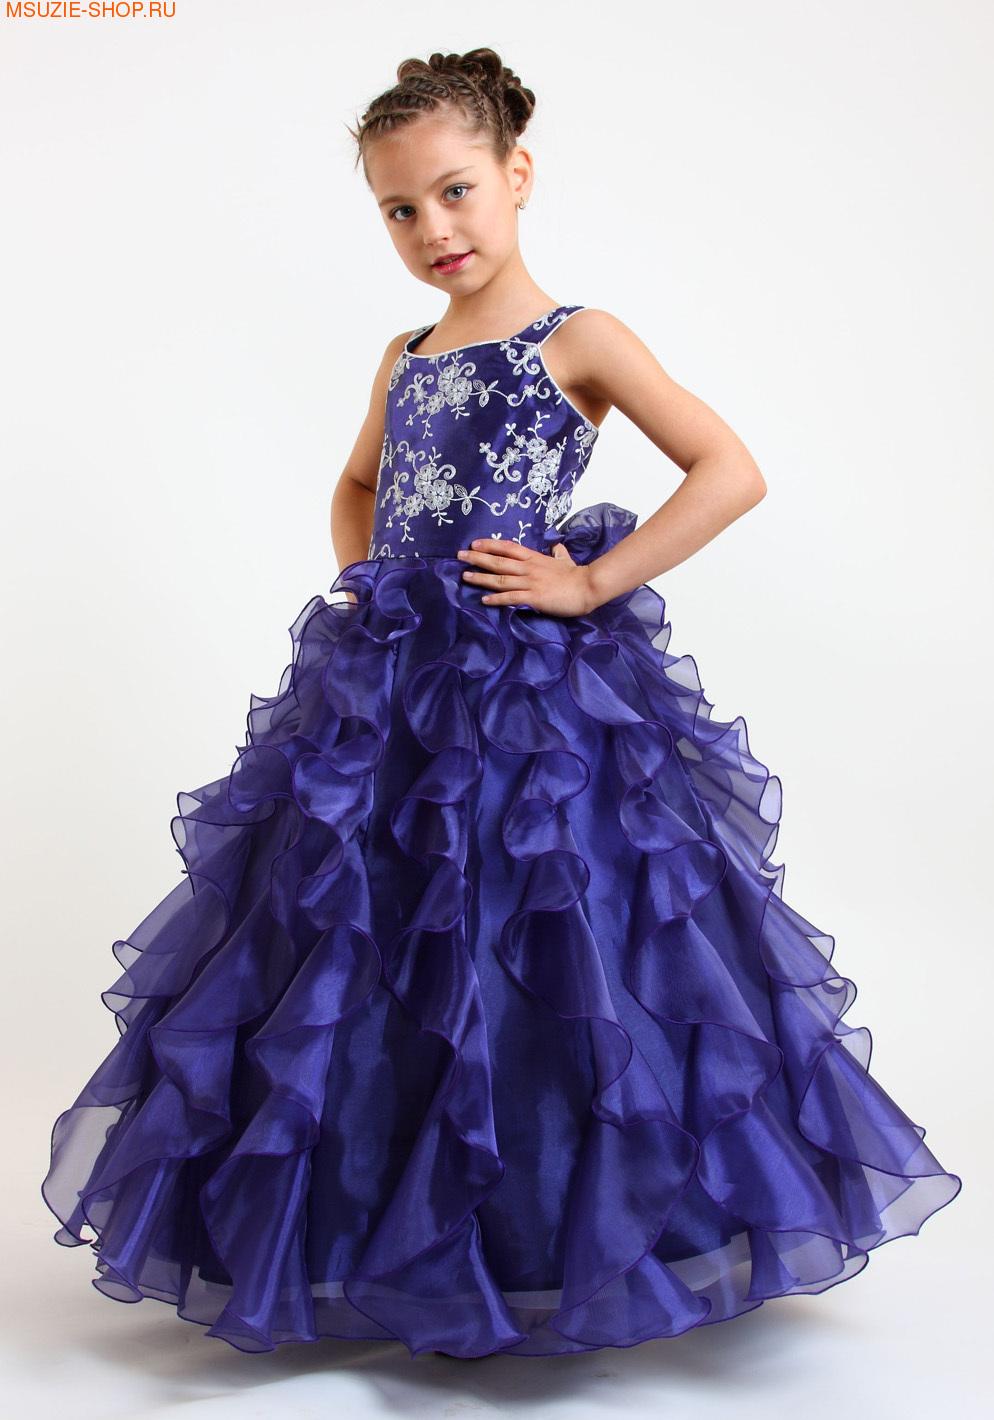 картинки для девочек 9-10 лет